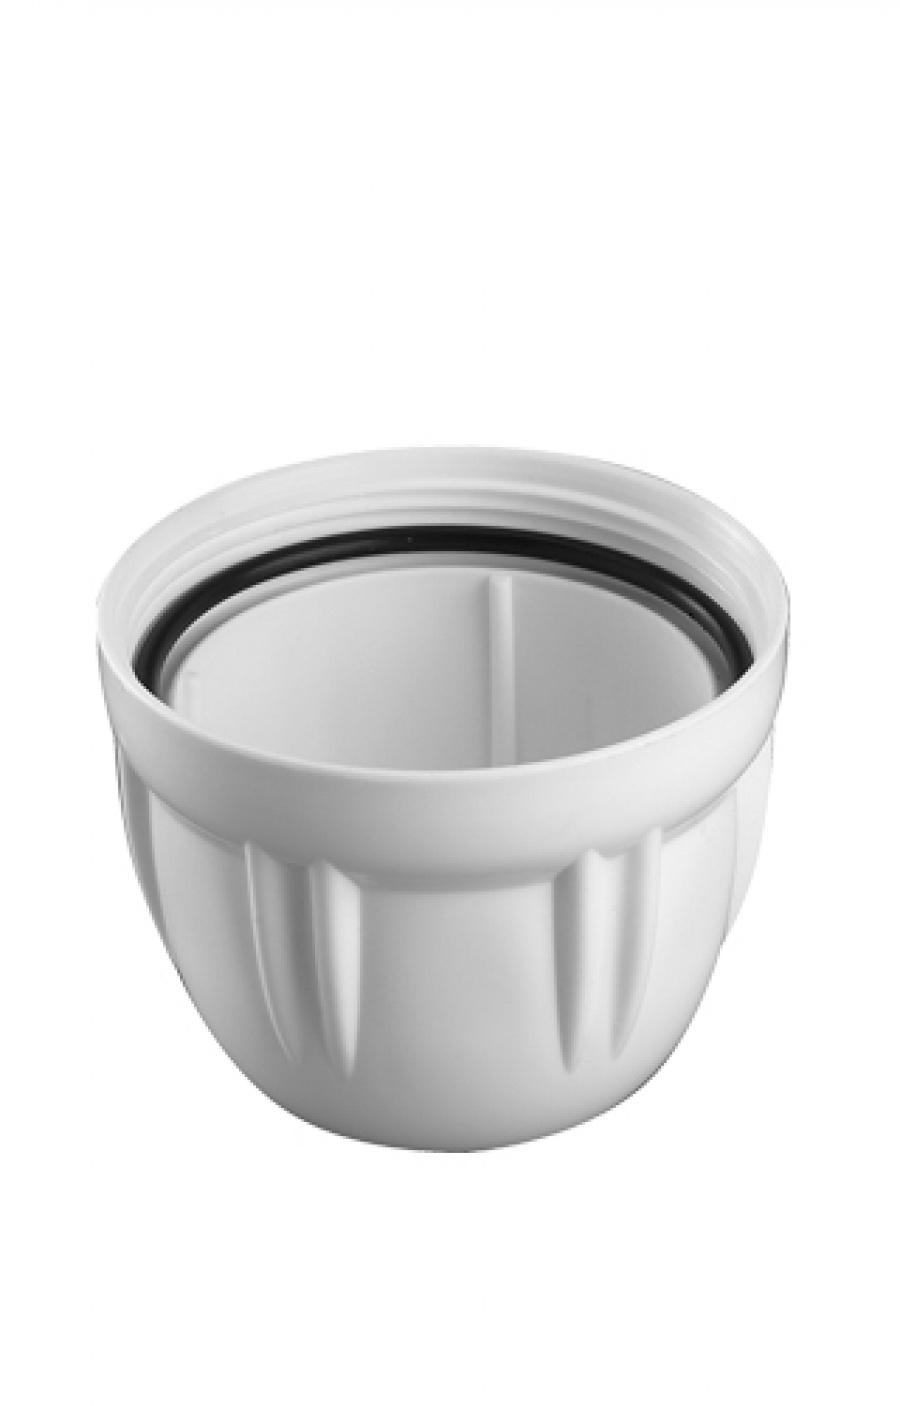 siphon lavabo pvc 6107 joint int gr meuble de salle de bain douche. Black Bedroom Furniture Sets. Home Design Ideas